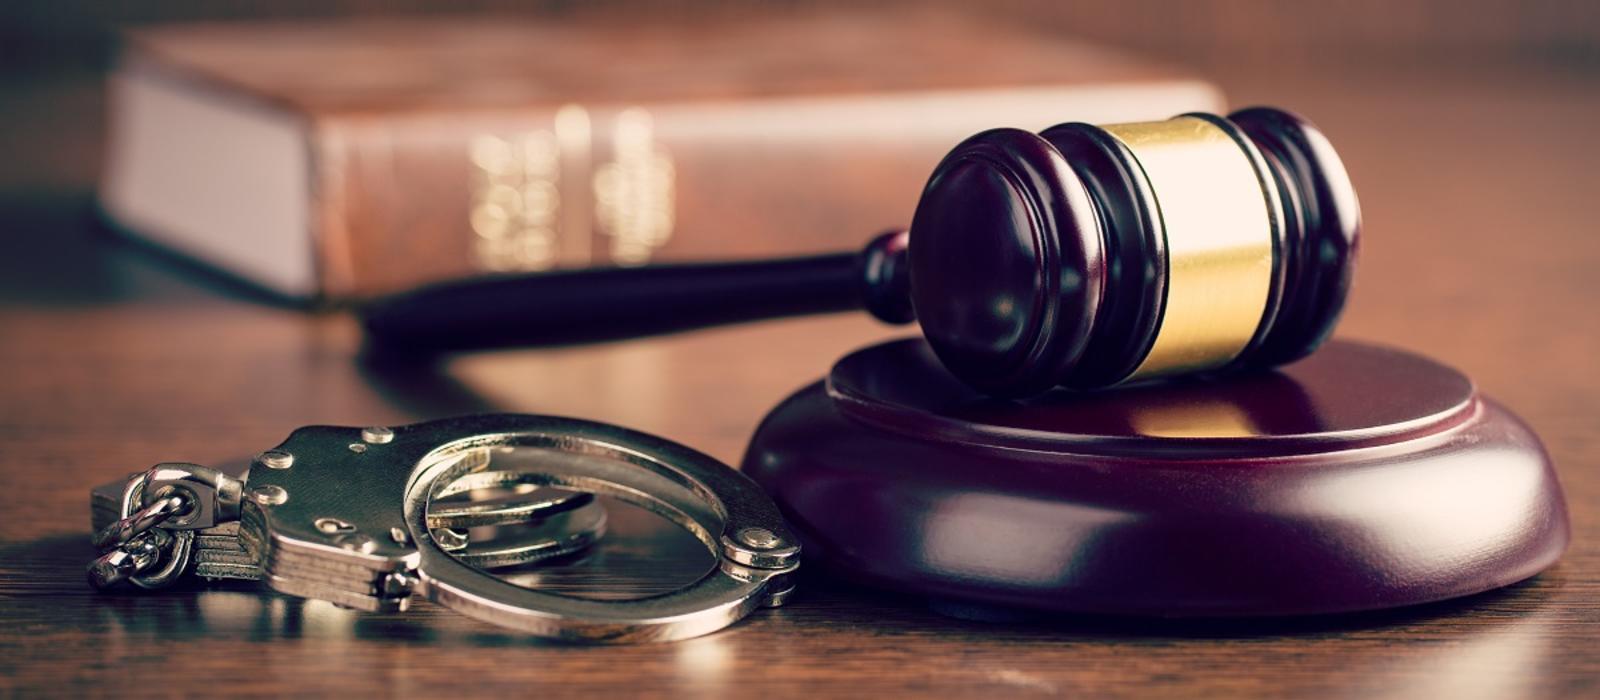 Παντ. Μποροδήμος: Ζητήματα από την επιβολή χρηματικής ποινής στον Ποινικό Κώδικα